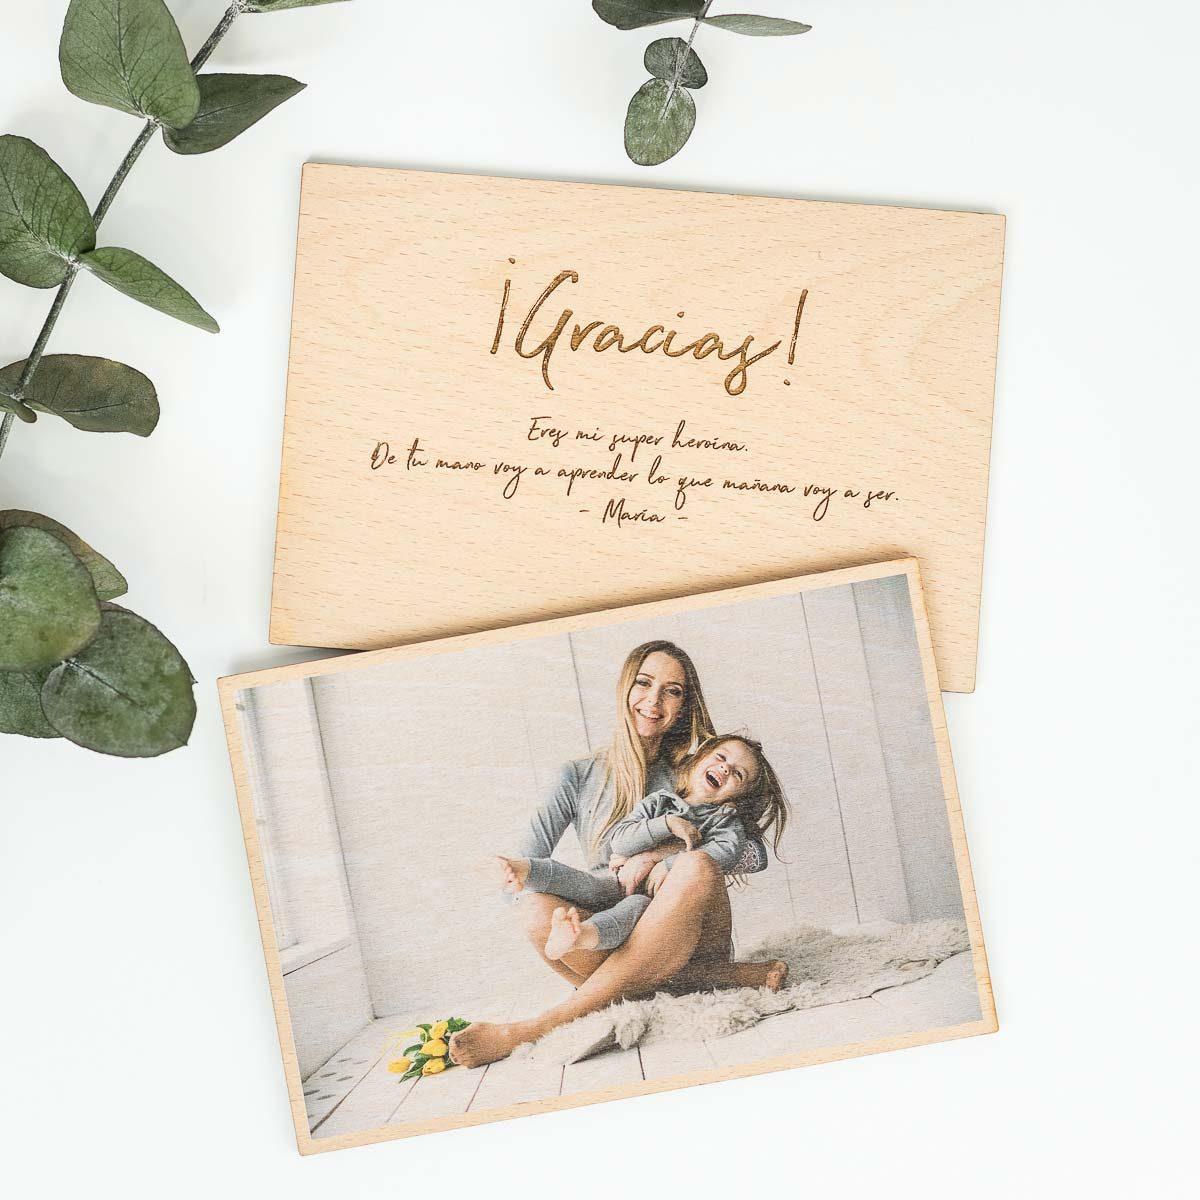 Foto de madera de doble cara personalizada con una felicitación para el día de la madre.